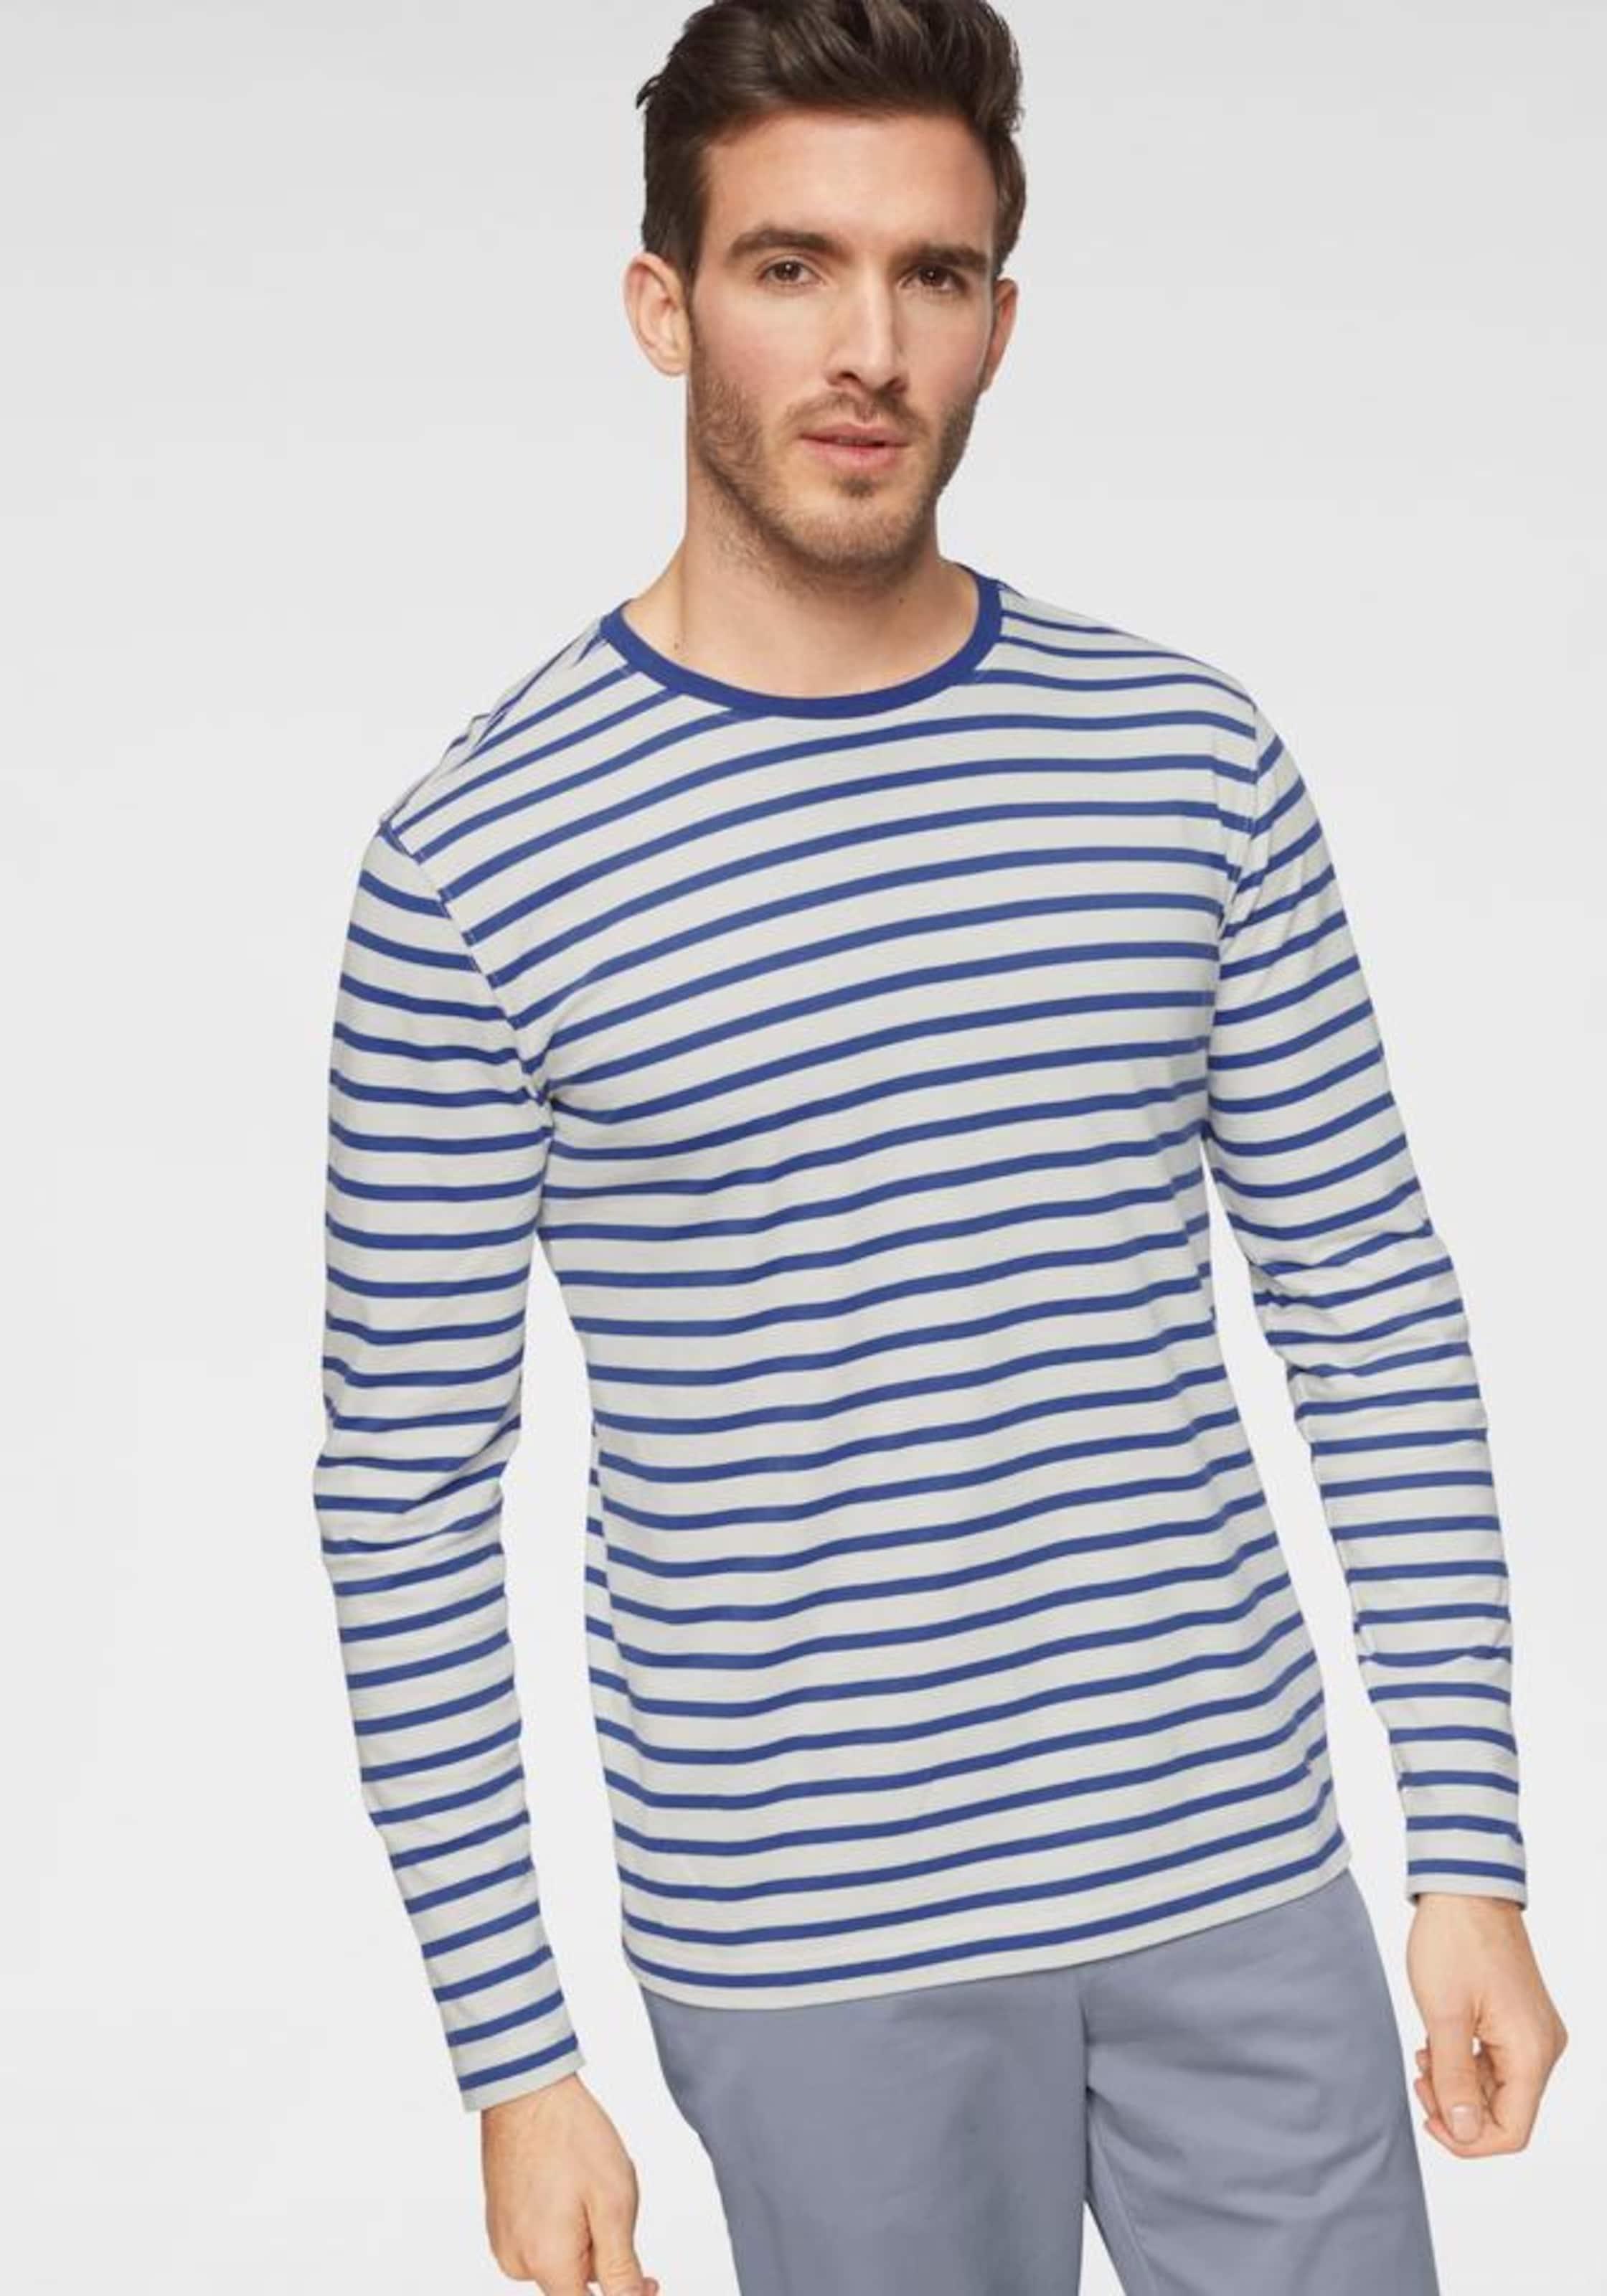 Kretschmer BlauWeiß Guido Maria In Shirt 0m8vNnwO